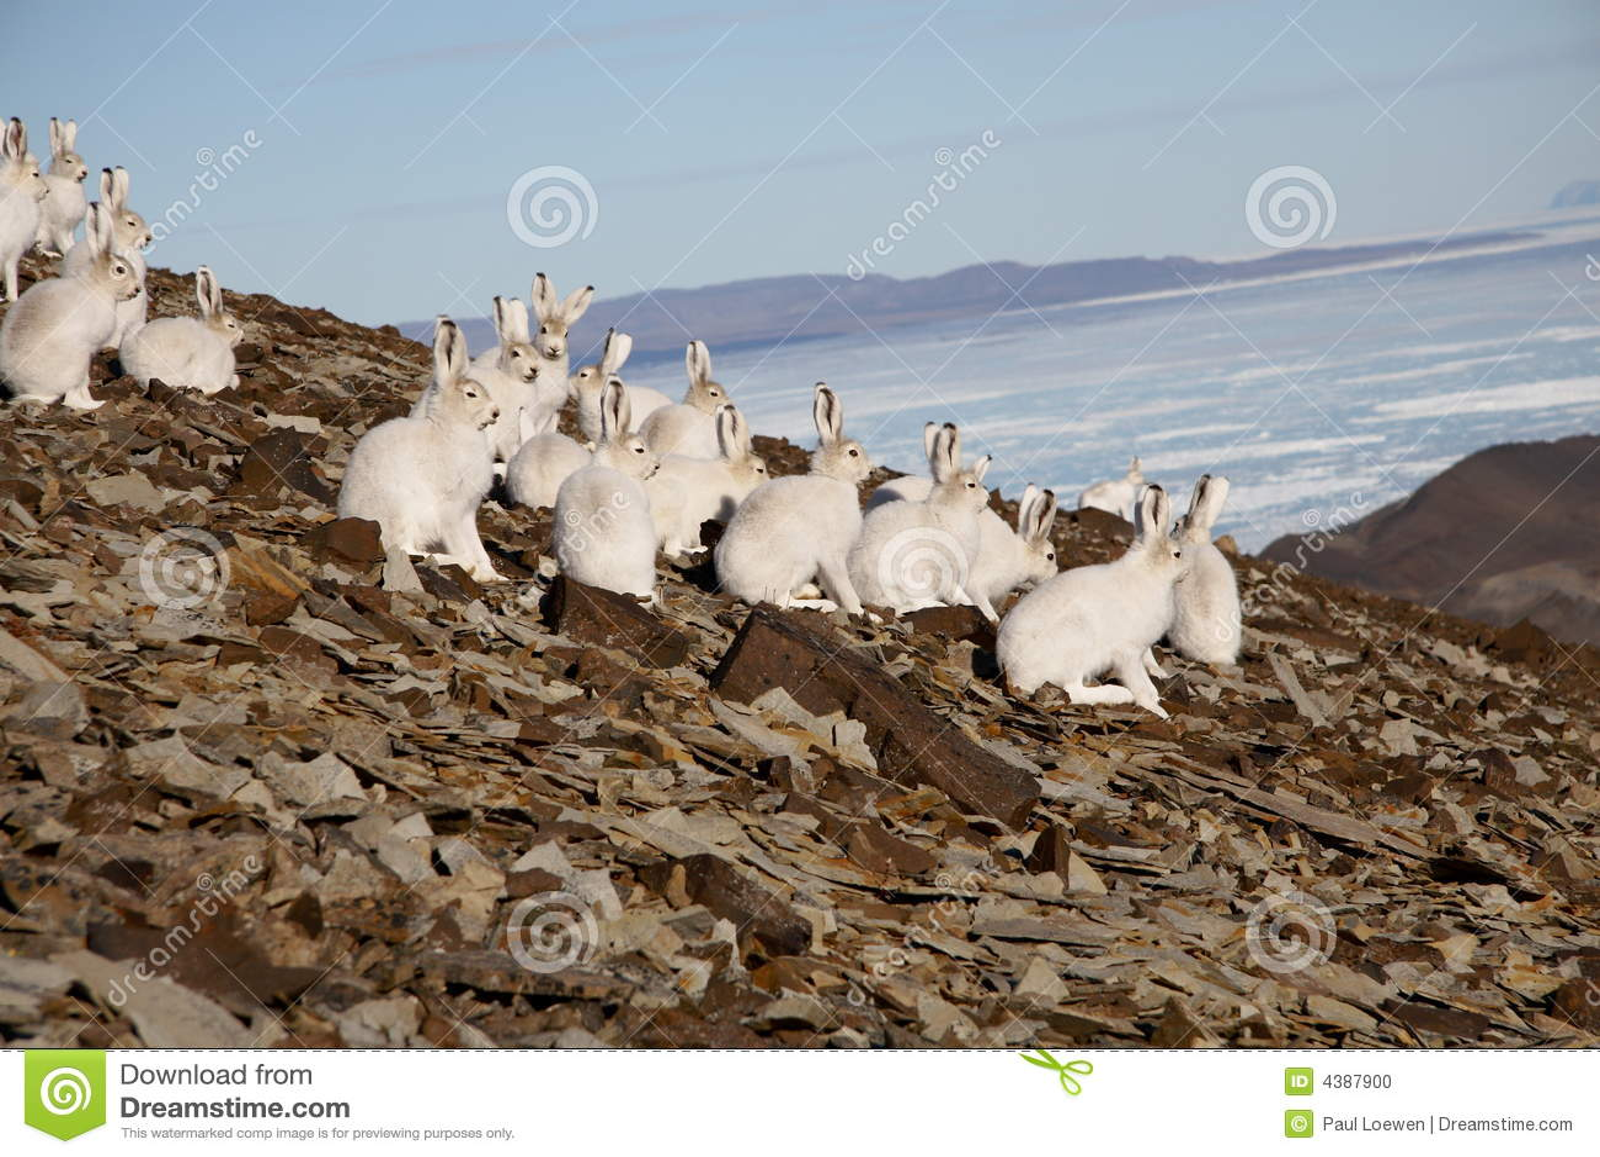 Lièvres arctiques sur un flanc de coteau